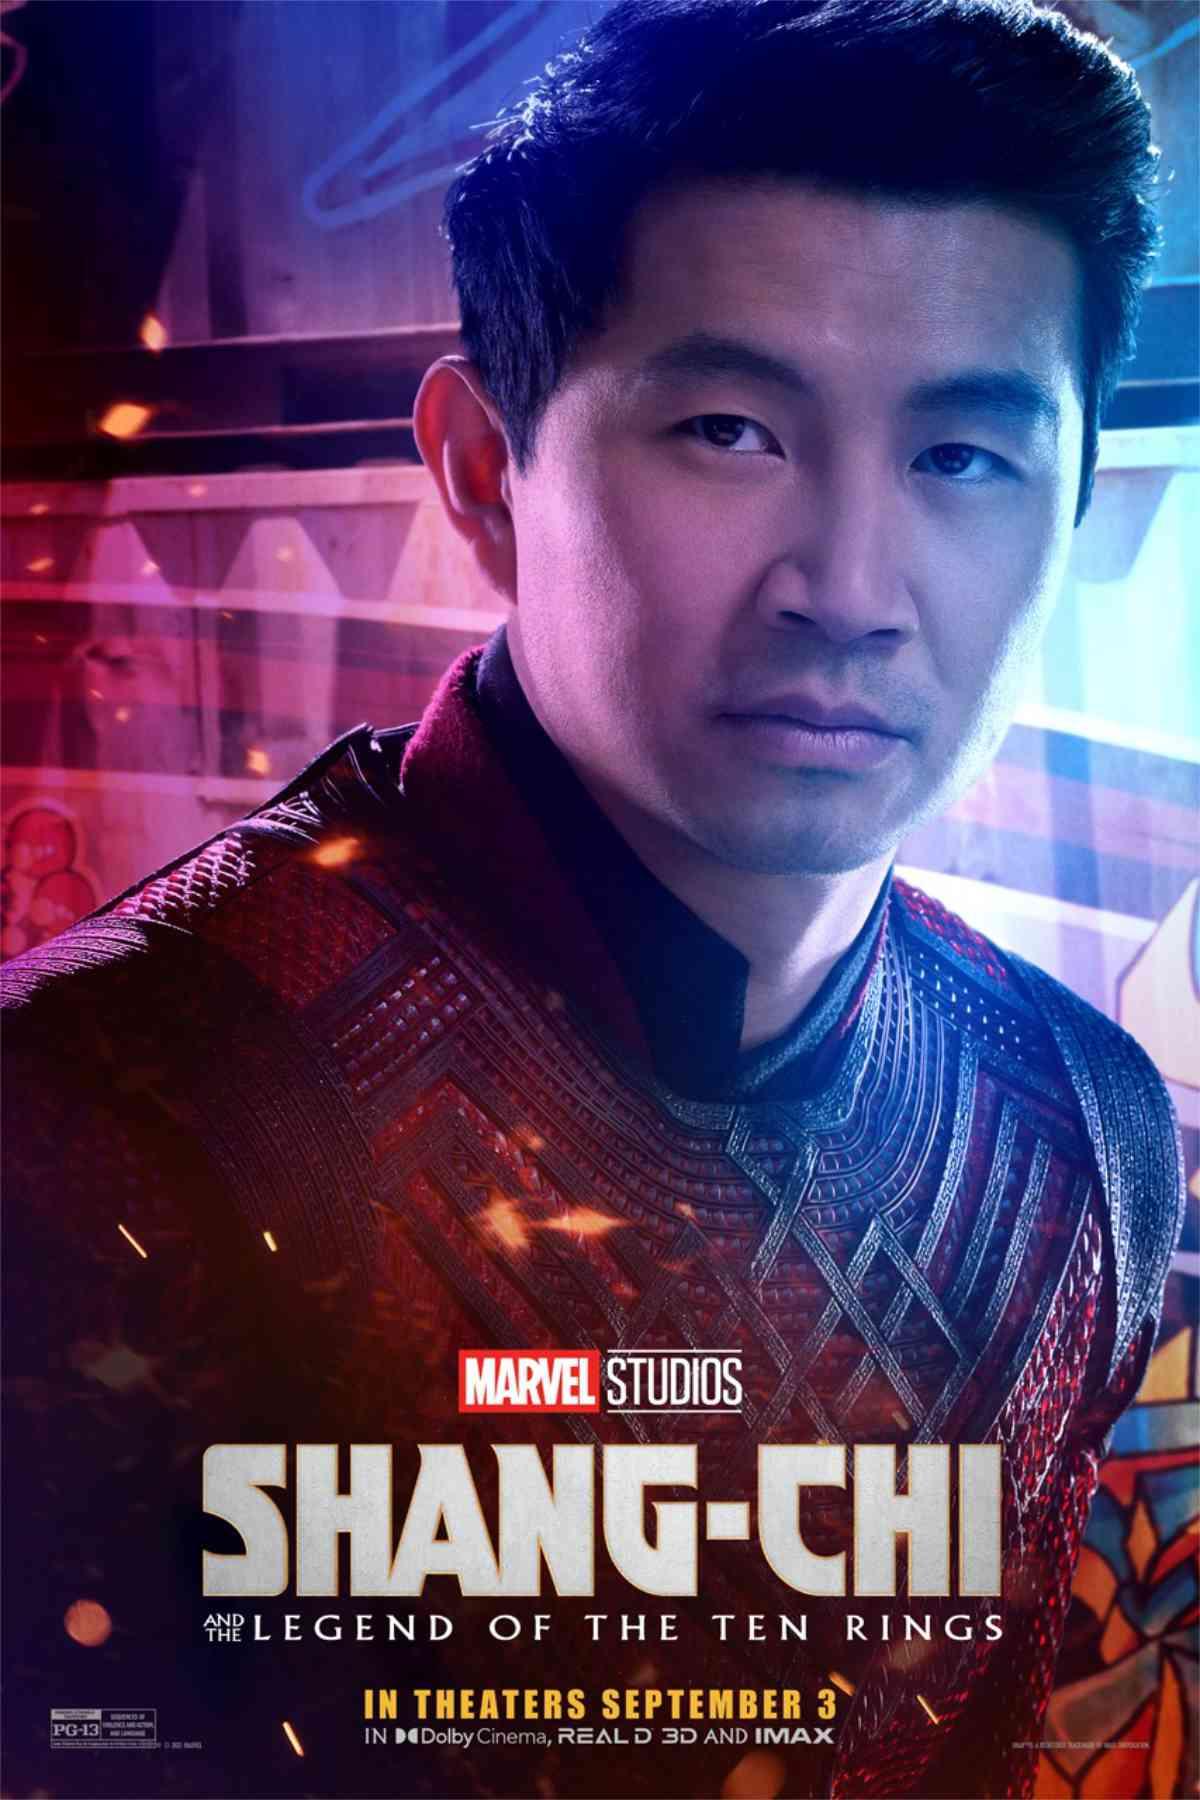 Shang-Chi Character Posters